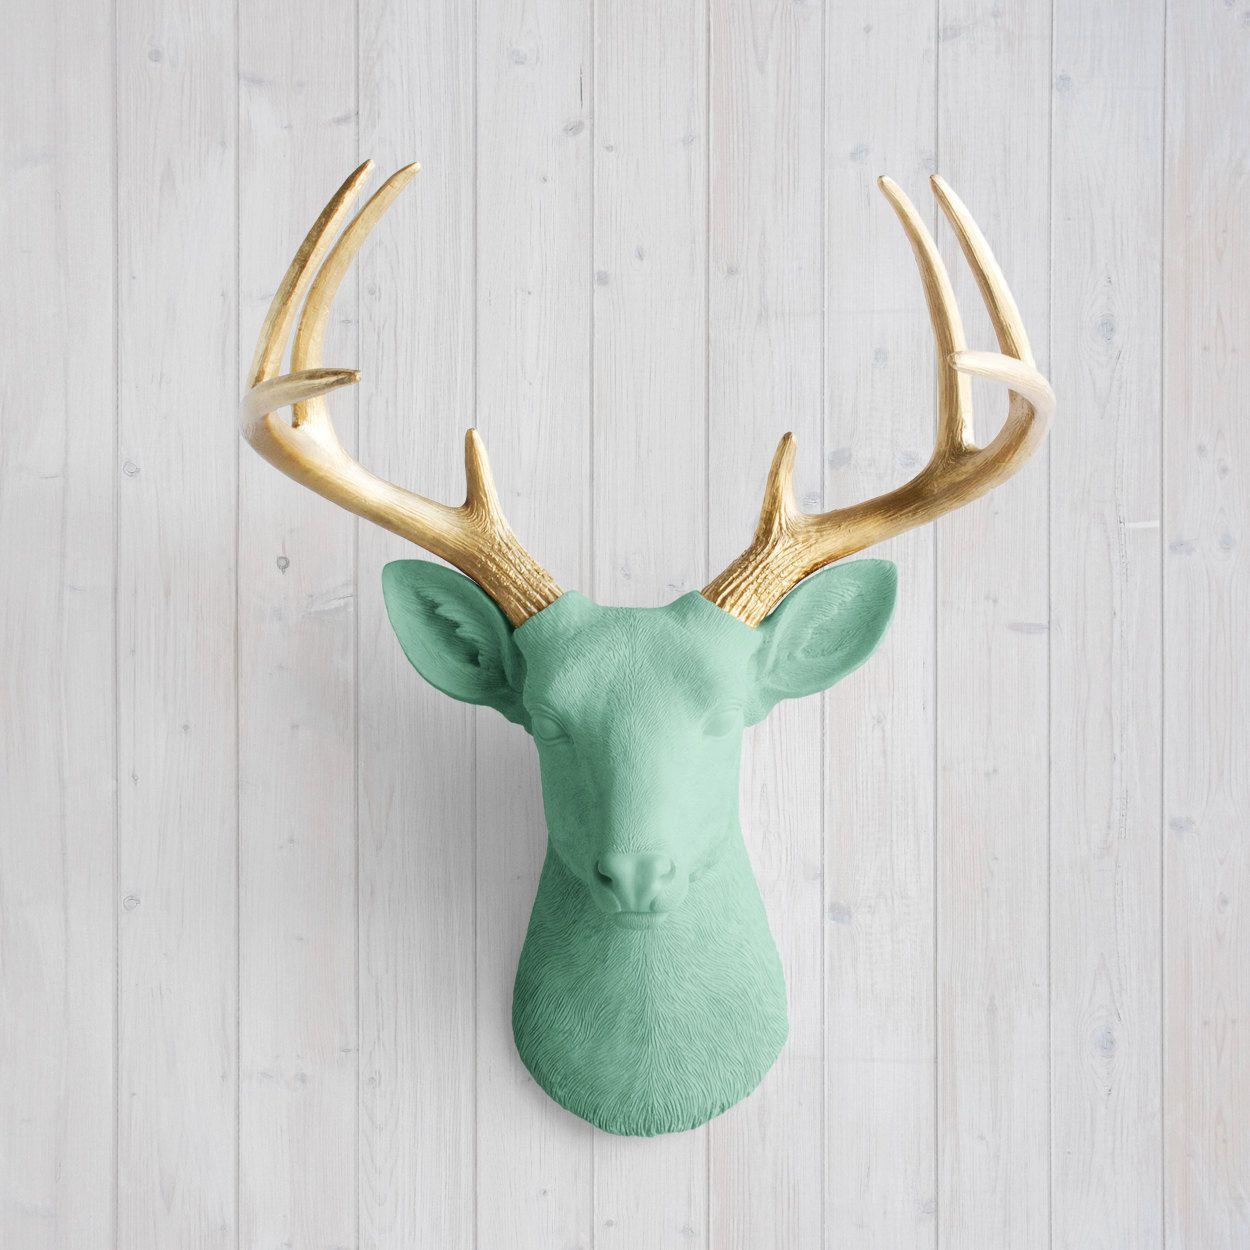 This Item Is Unavailable Deer Head Decor Deer Head Wall Decor Faux Deer